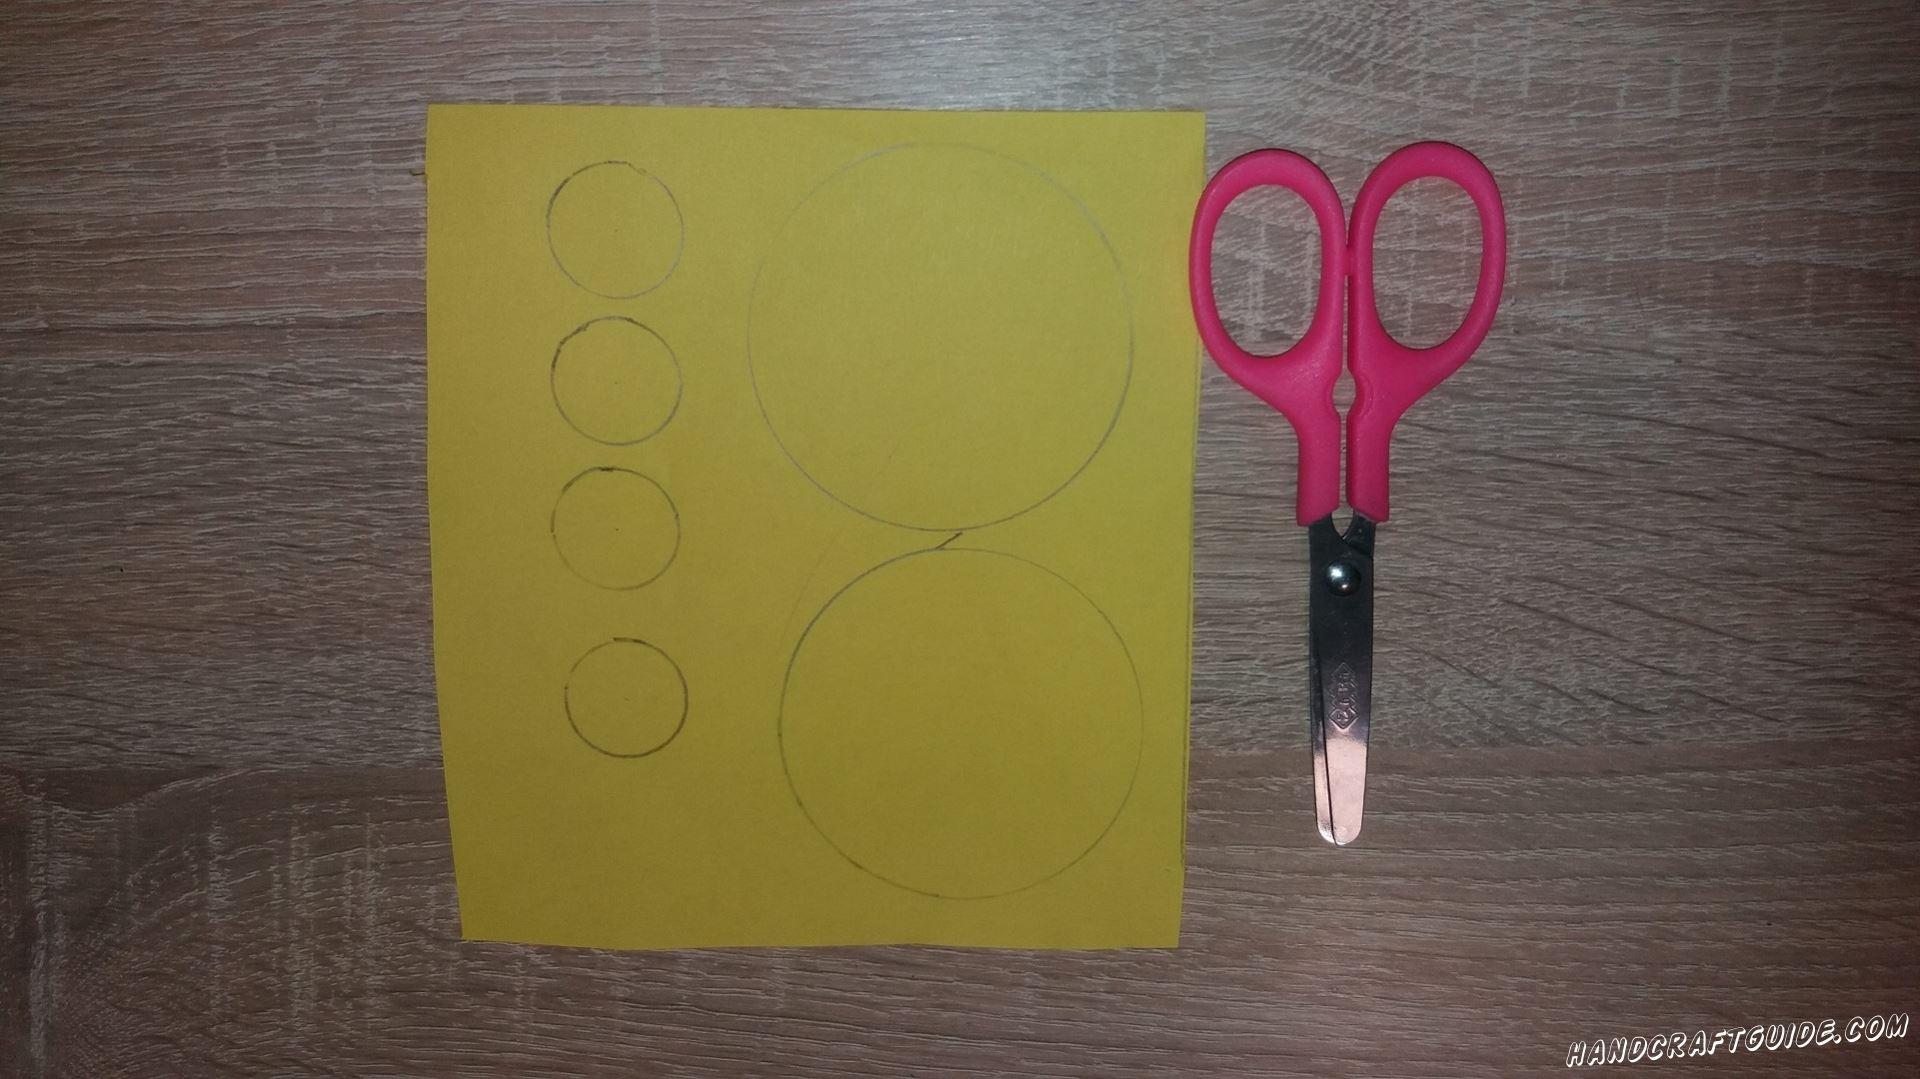 Для начала, рисуем и вырезаем 2 больших круга и 4 одинаковых маленьких кружка, желтого цвета.